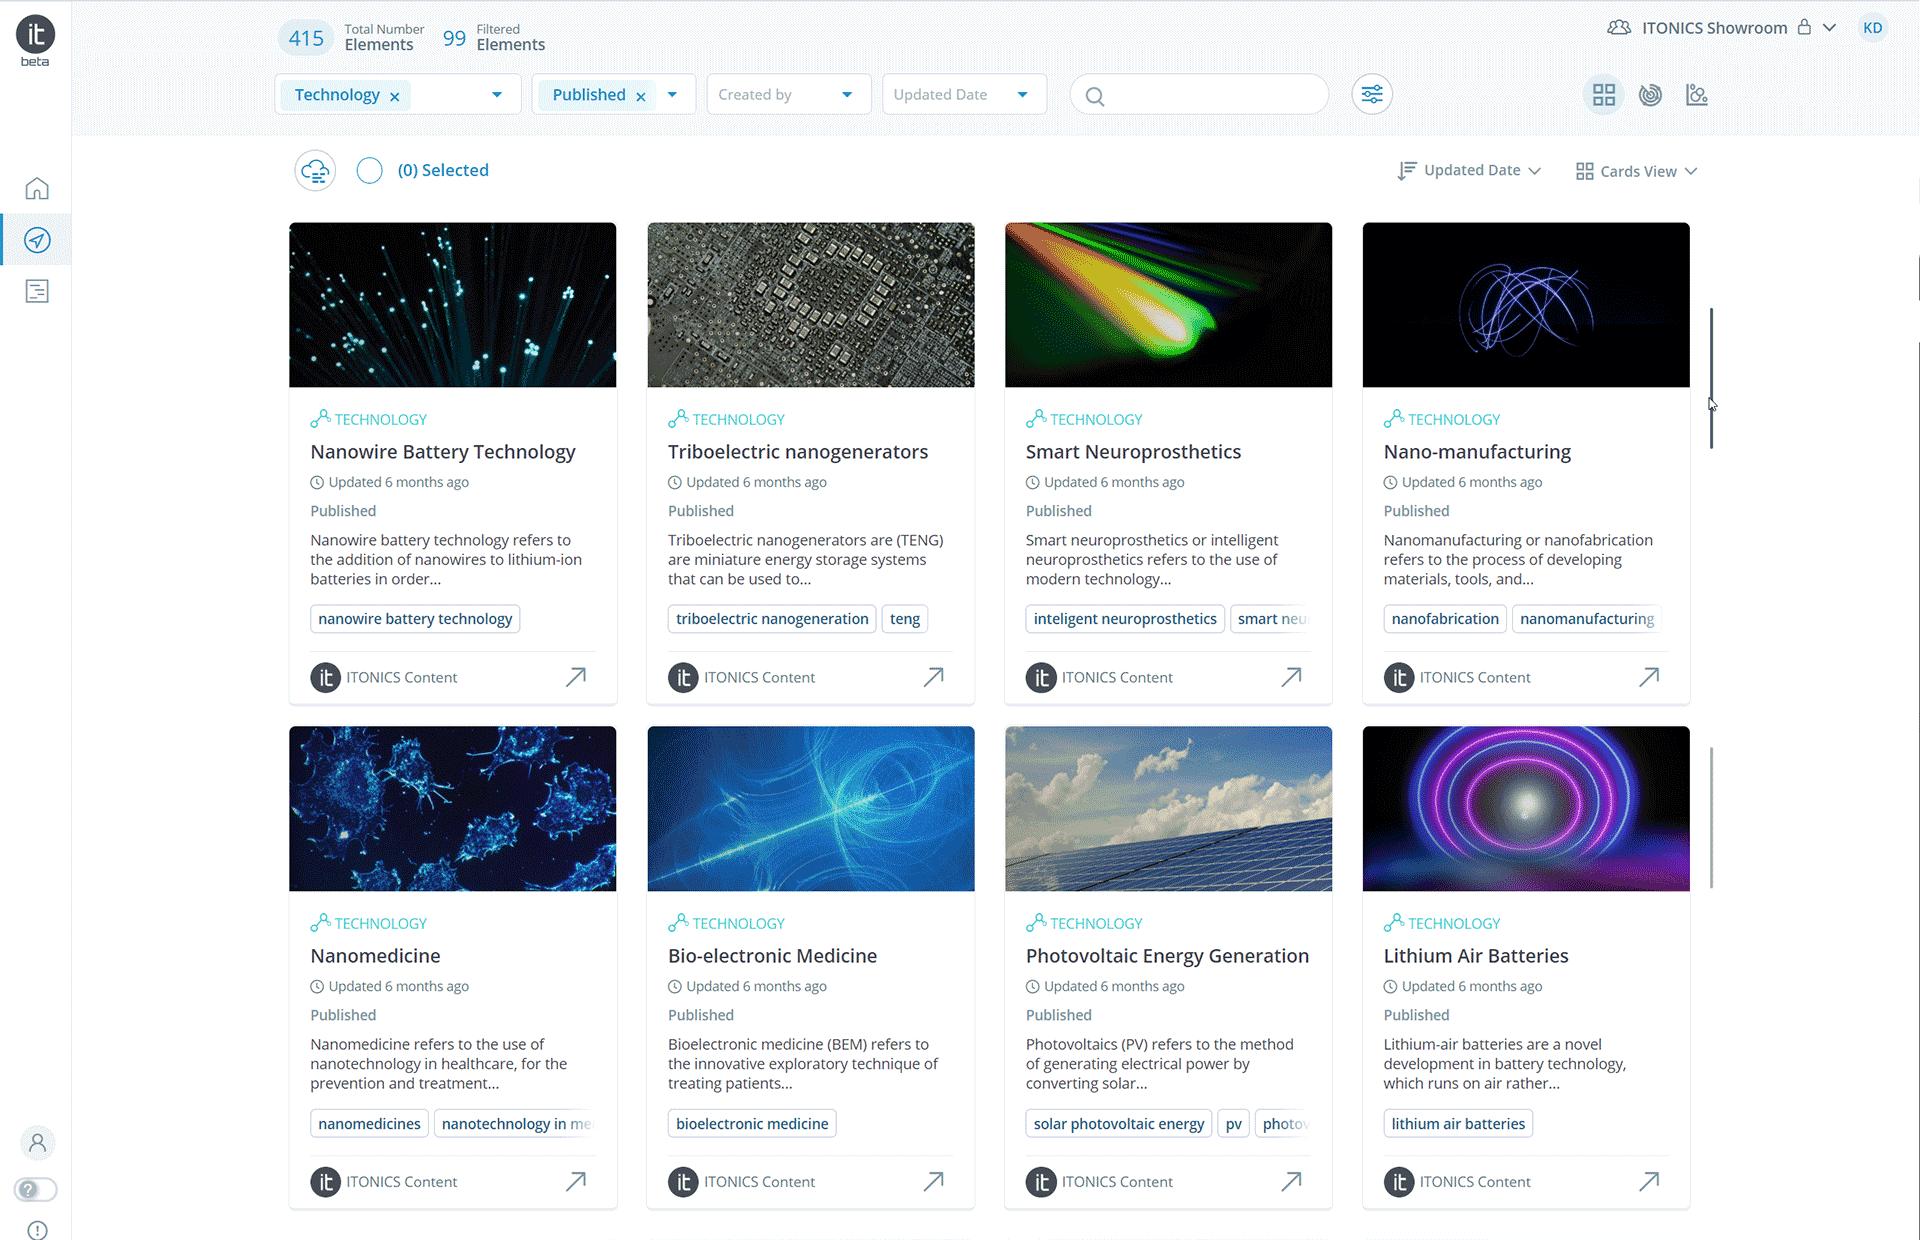 Votre propre base de données sur les technologies et les brevets